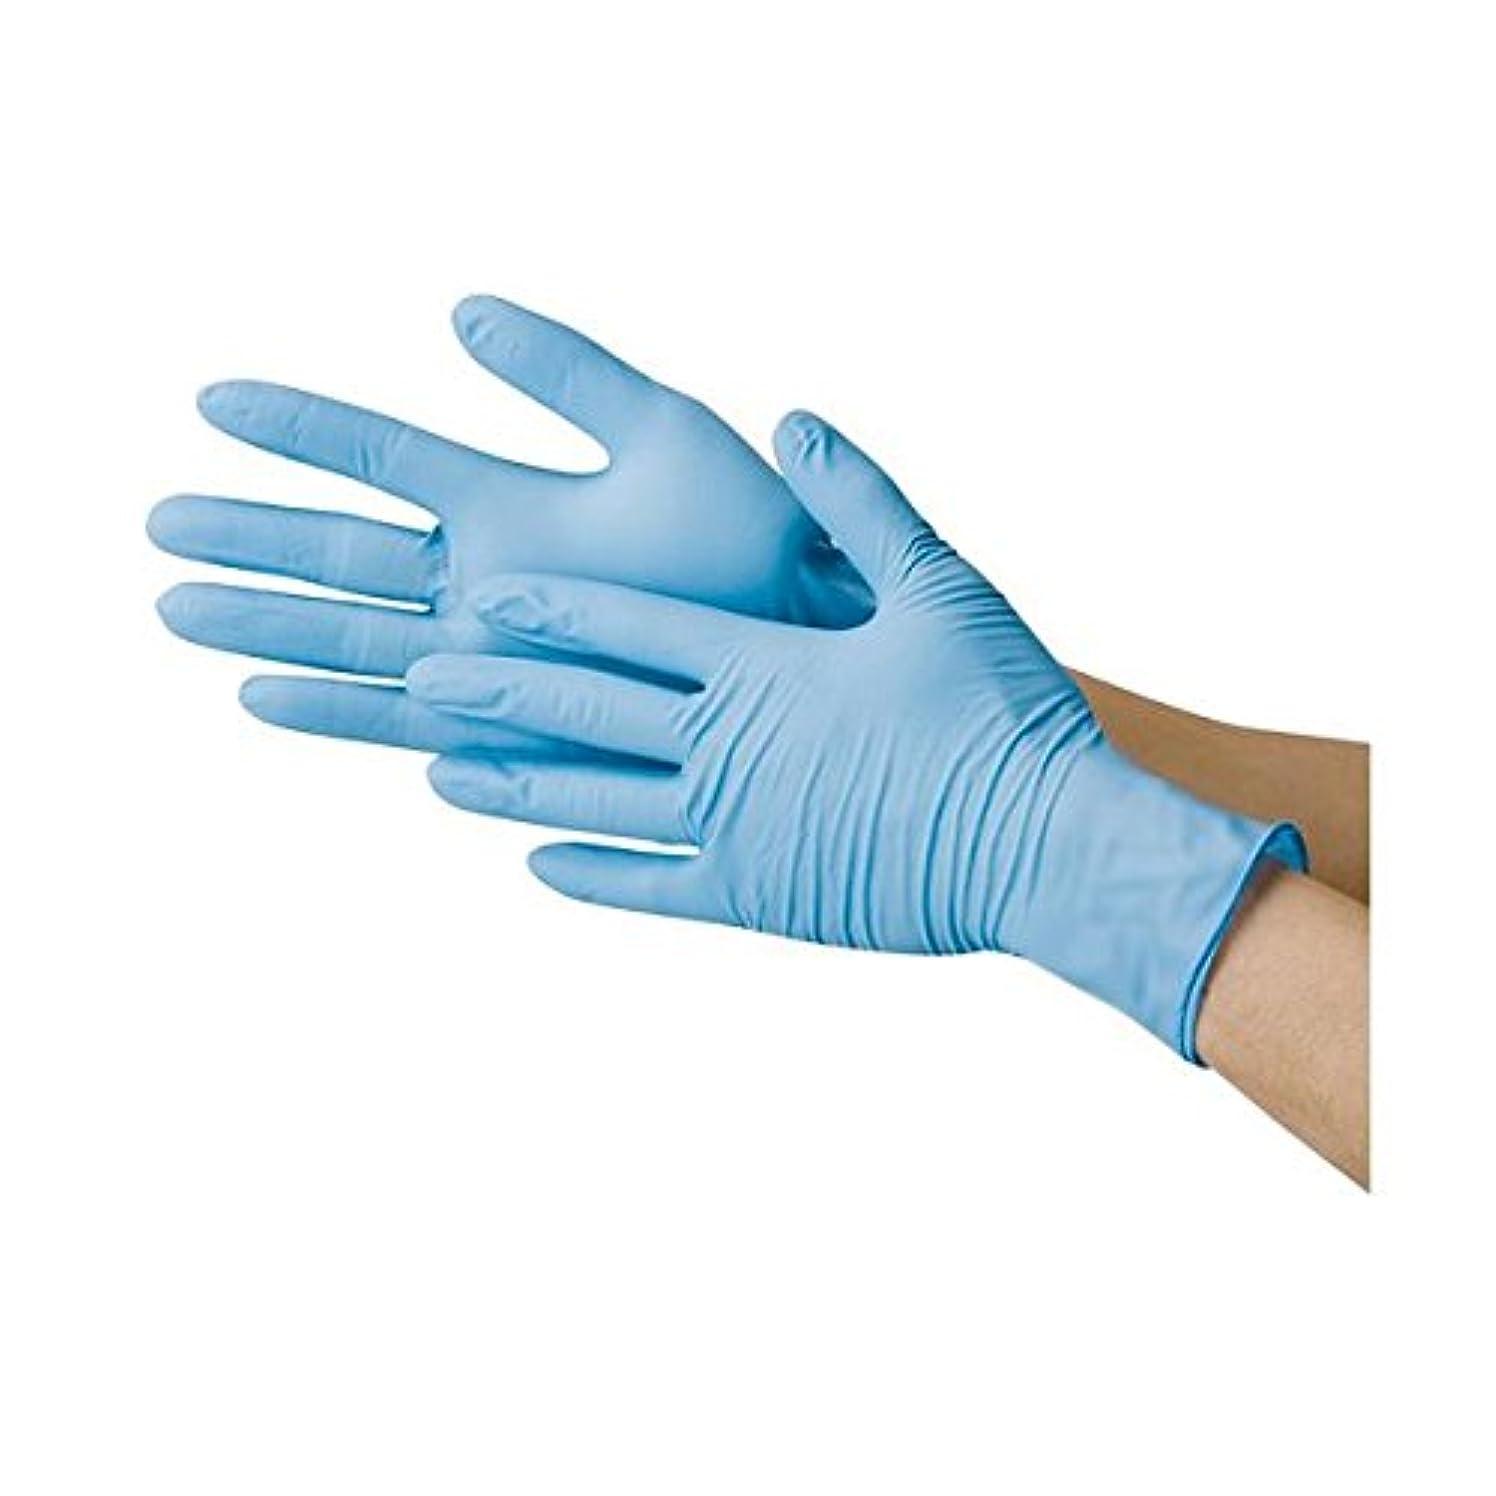 中間年齢スイッチ川西工業 ニトリル極薄手袋 粉なし ブルーS ダイエット 健康 衛生用品 その他の衛生用品 14067381 [並行輸入品]